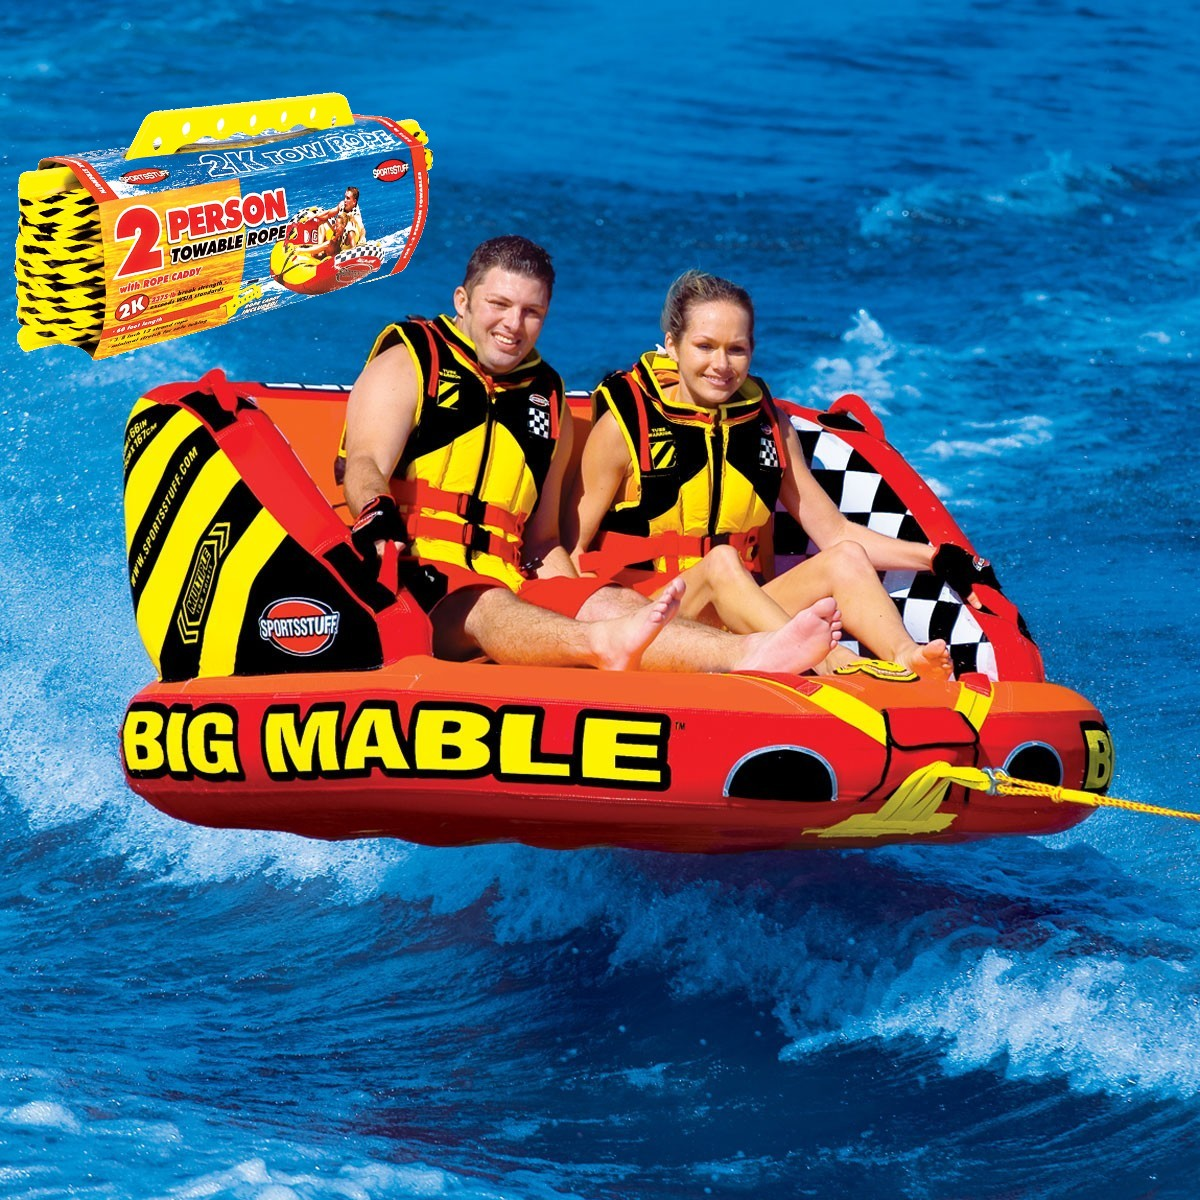 【セット】SPORTSSTUFF BIG MABLE 2人乗り ビッグマーブル トーイングチューブ/ウォータートーイ/バナナボート/スポーツスタッフ 53-2213 ロープ付き